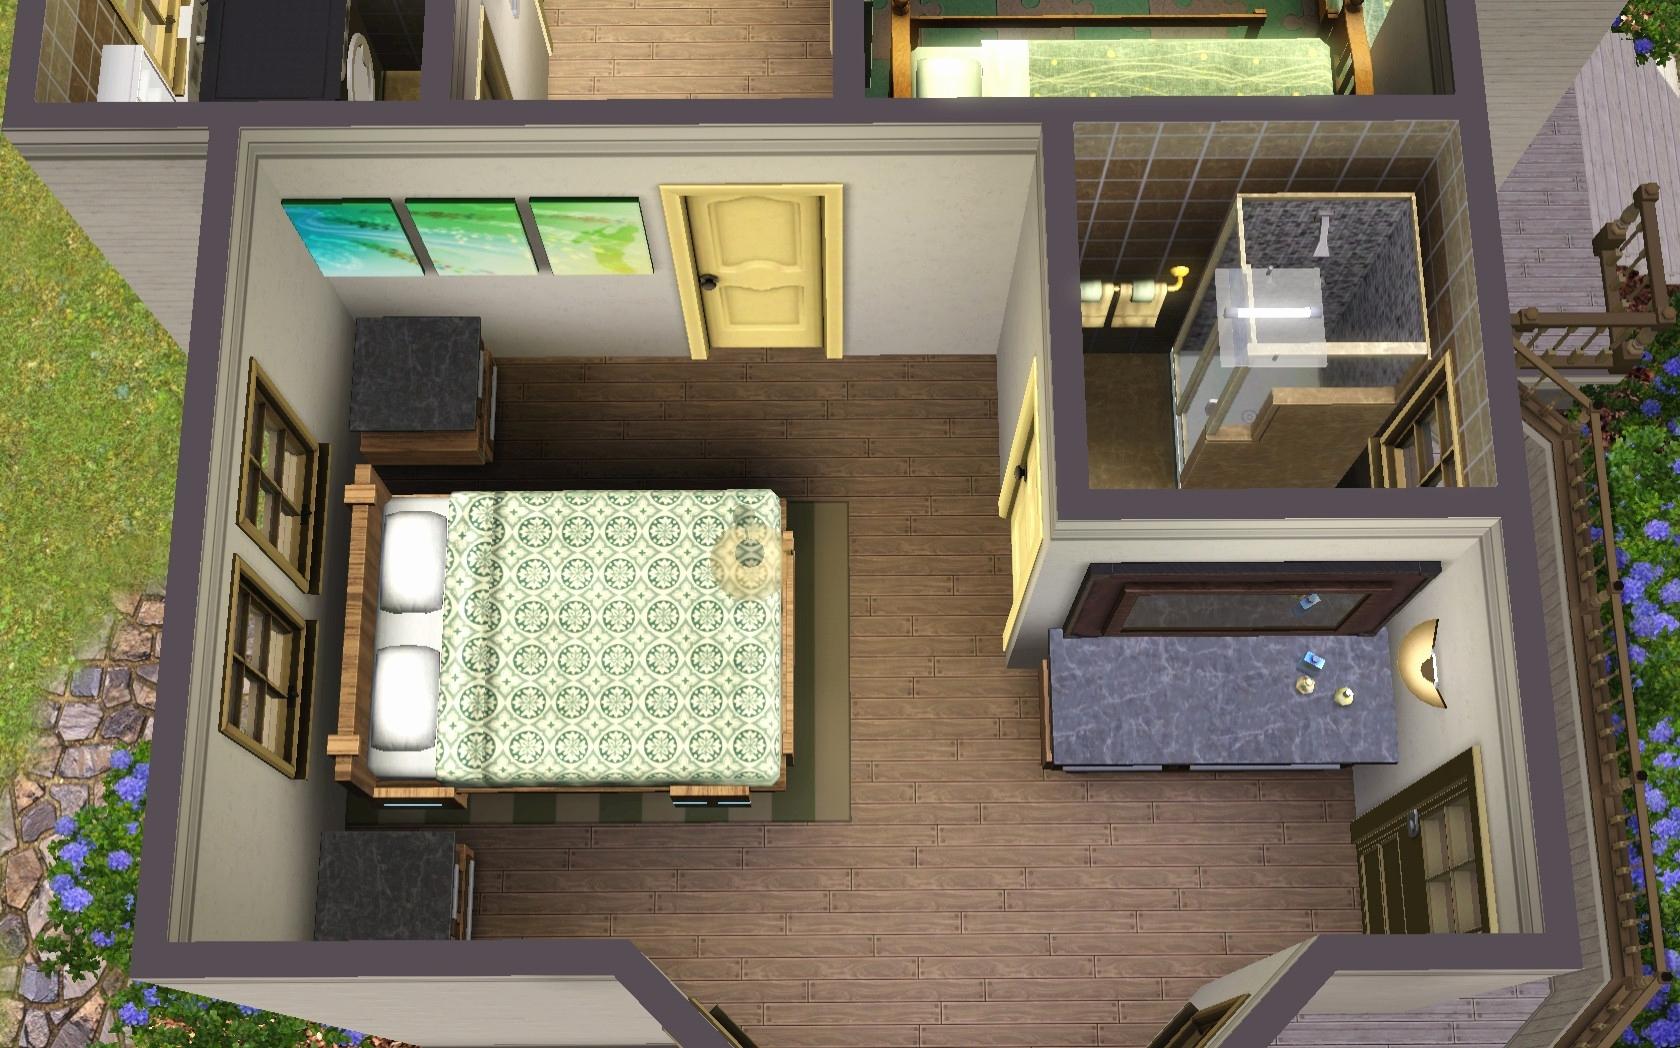 Suite Parentale Avec Salle De Bain Et Dressing Plan Élégant Stock 24 Luxe Plan Chambre Parentale Avec Salle De Bain Et Dressing